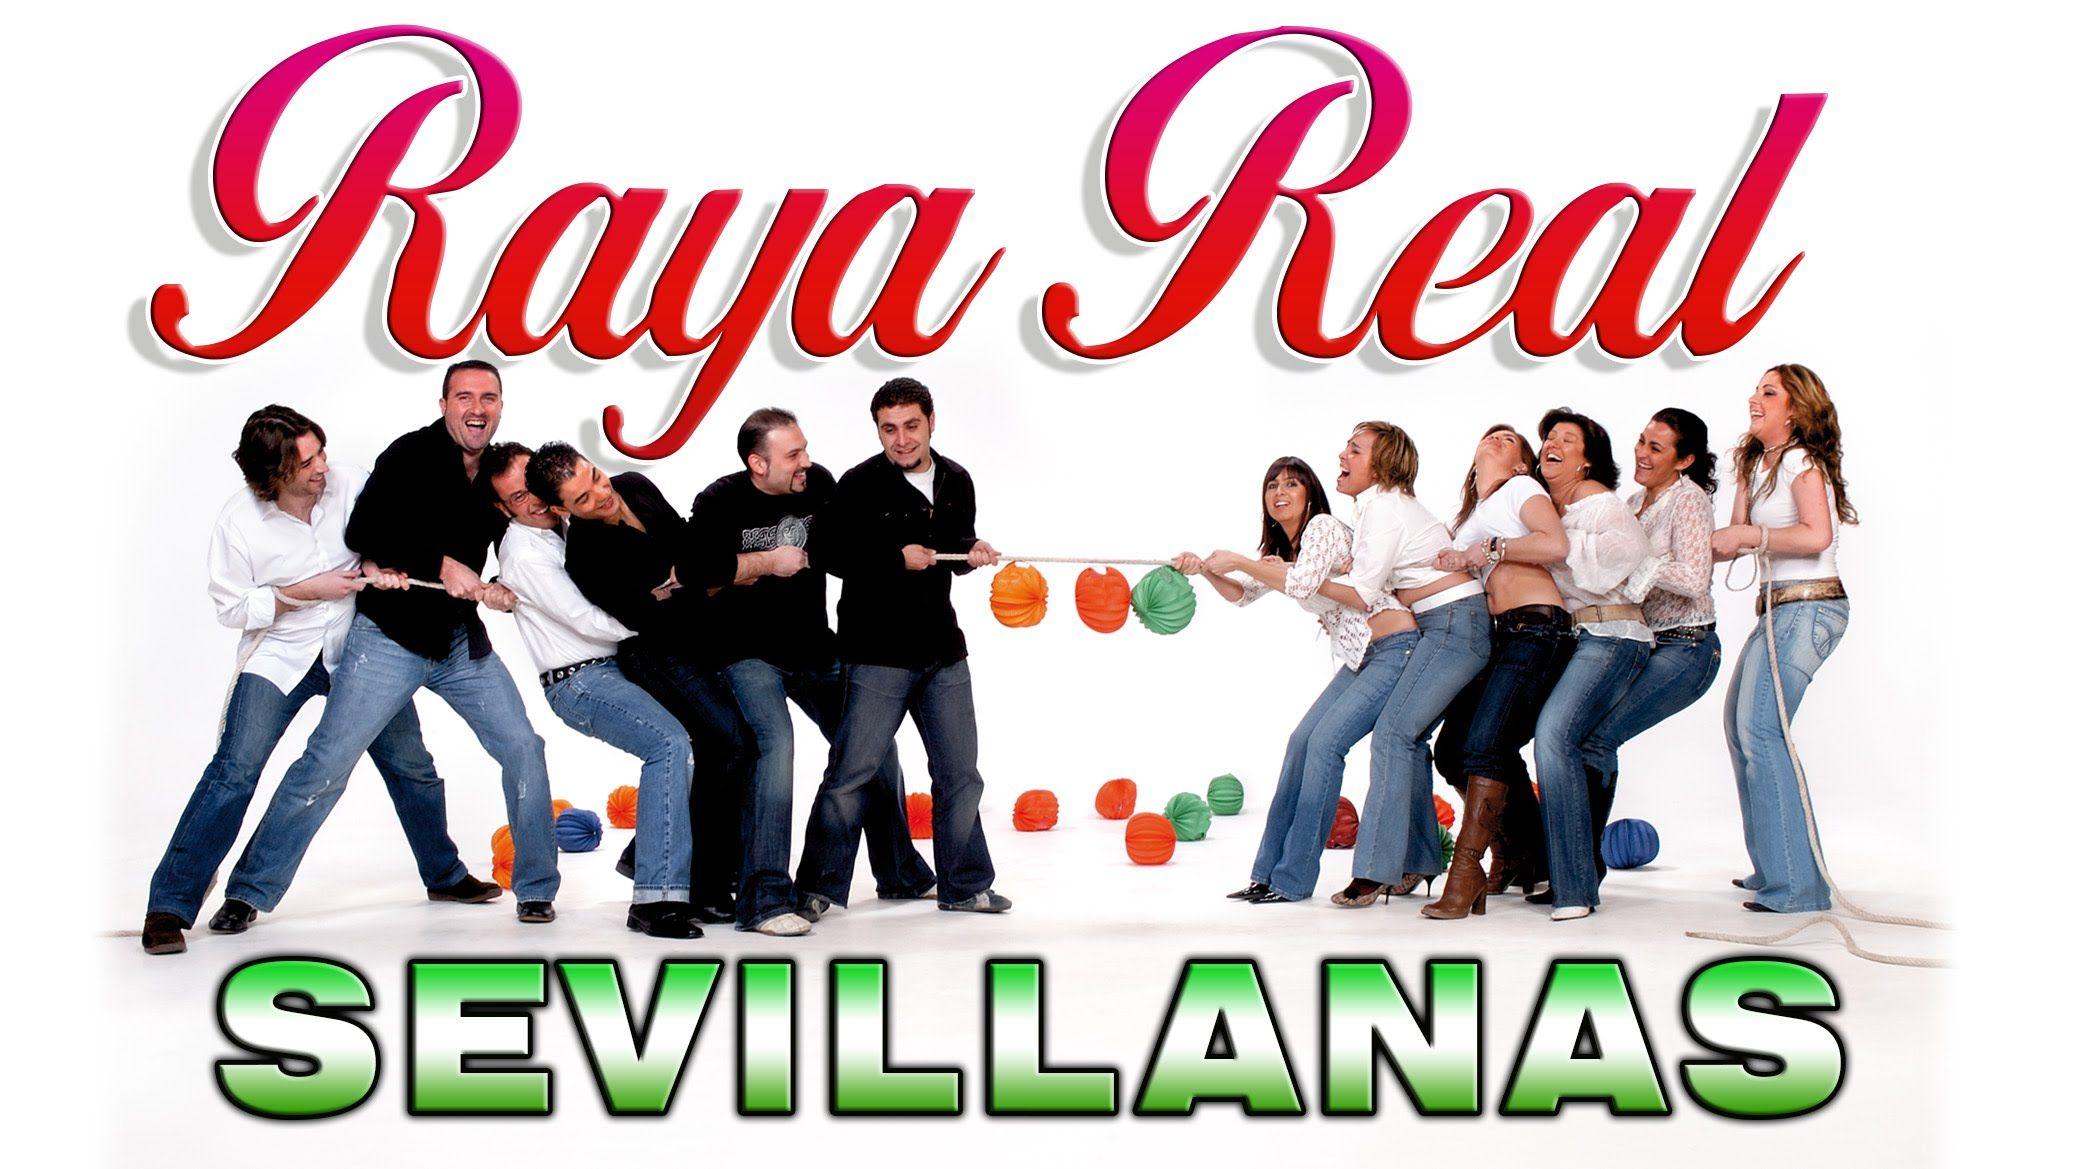 Sevillanas Para Bailar Raya Real Mix 1 Hora Sevillana Baile Feria De Abril Sevilla